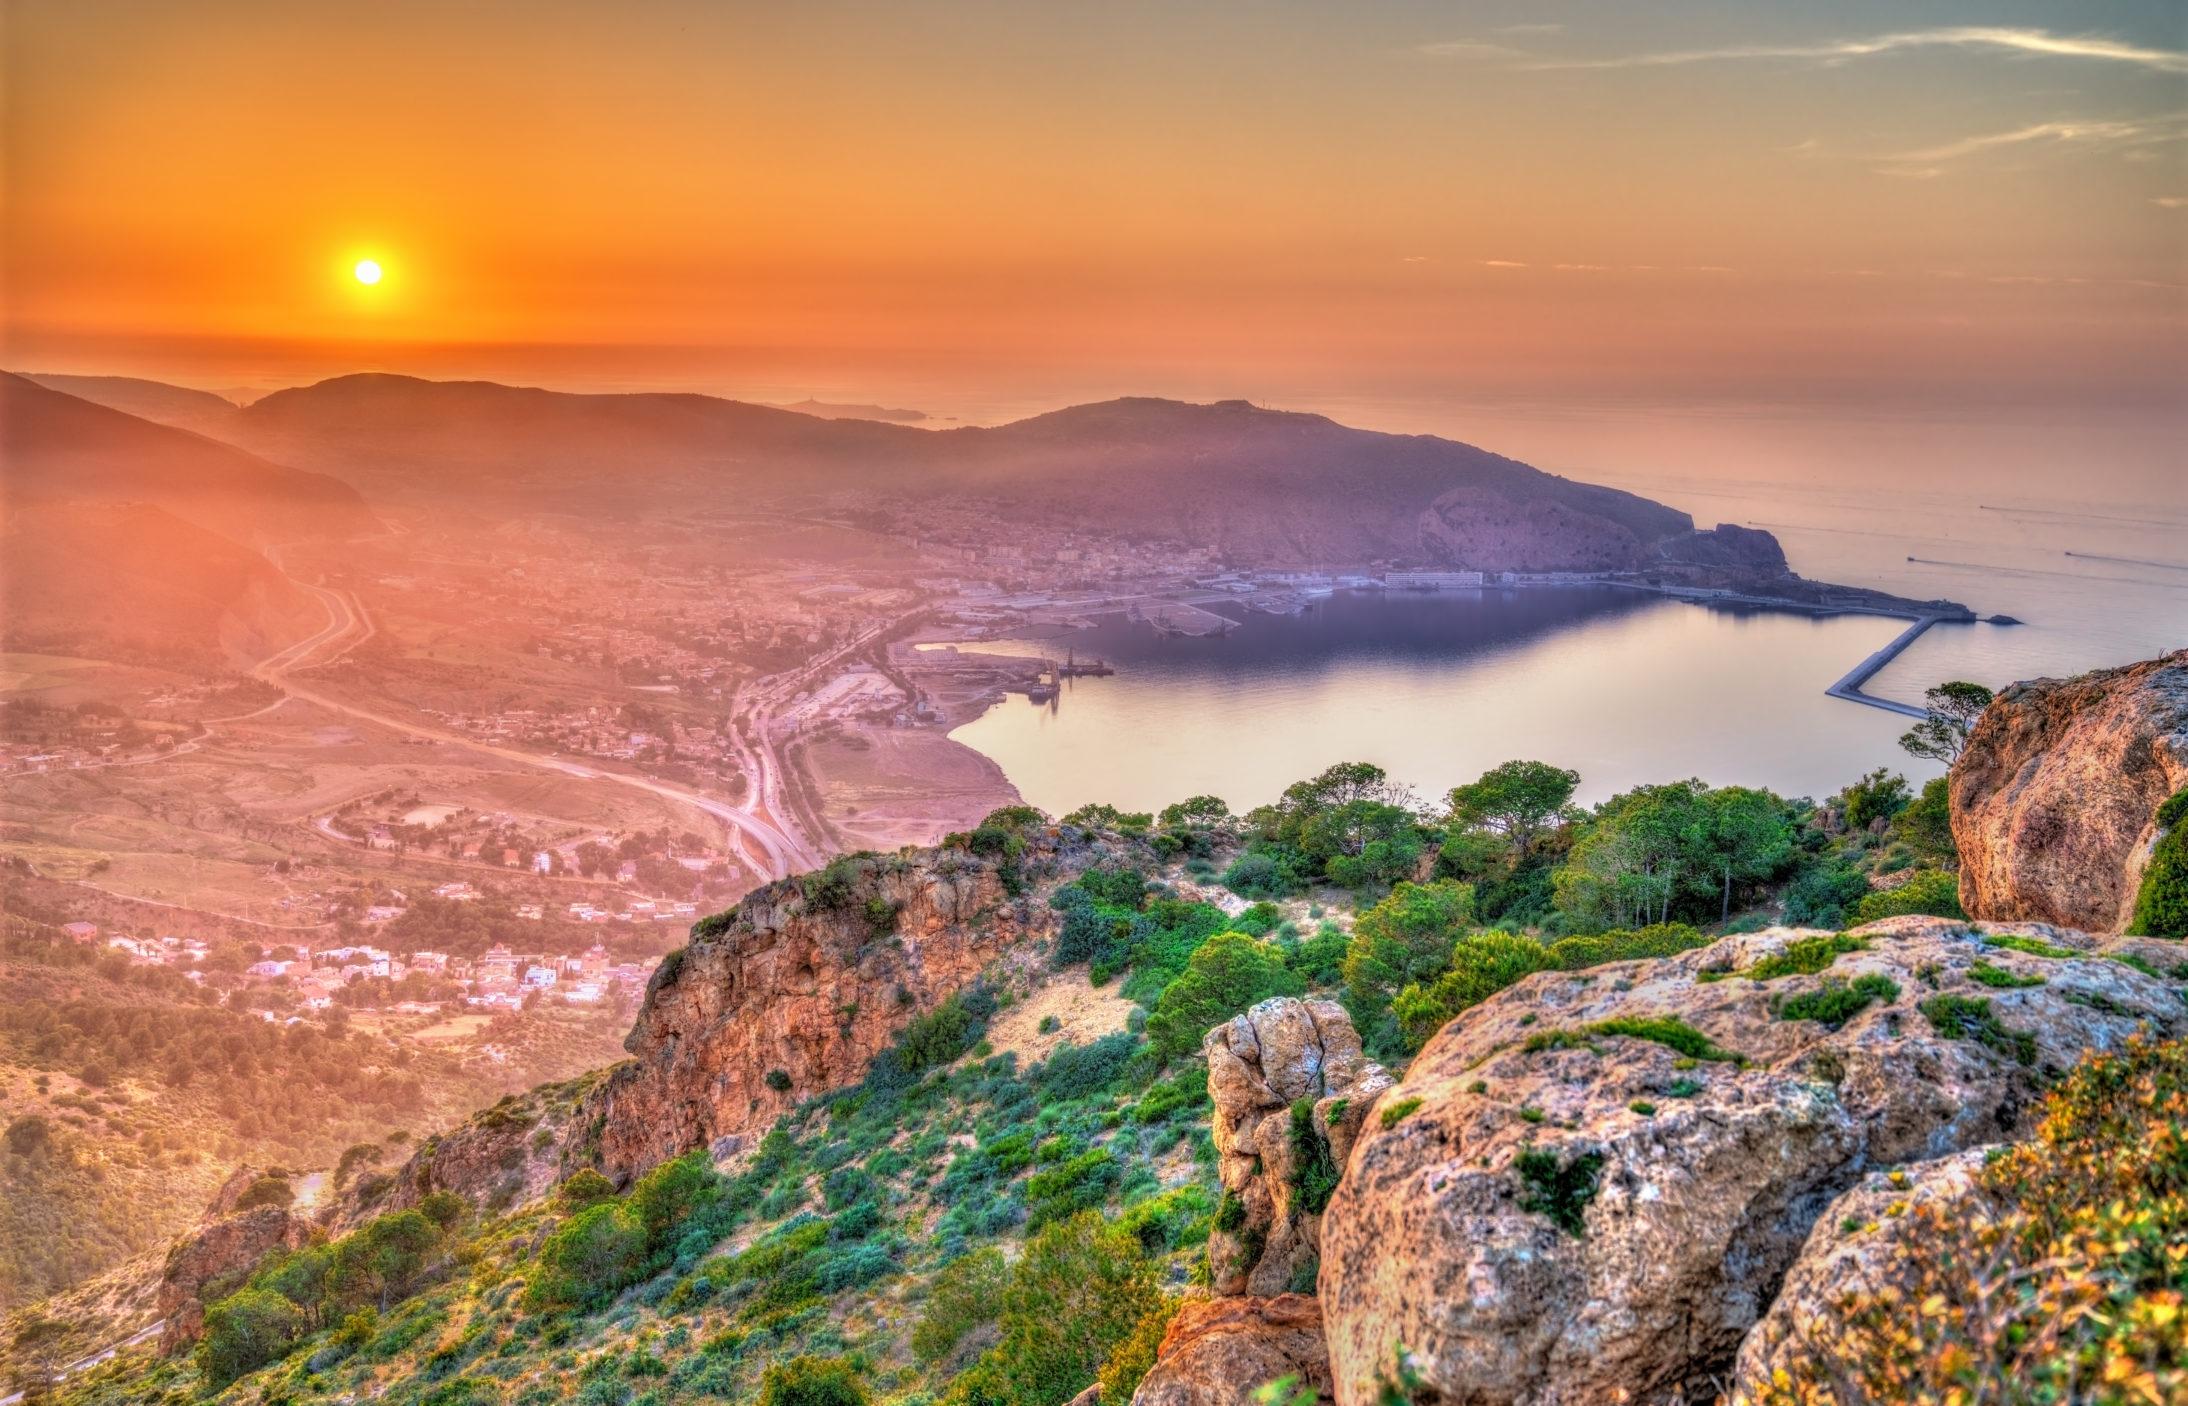 Sunset over the Mediterranean Sea in Oran – Algeria, North Africa – Image